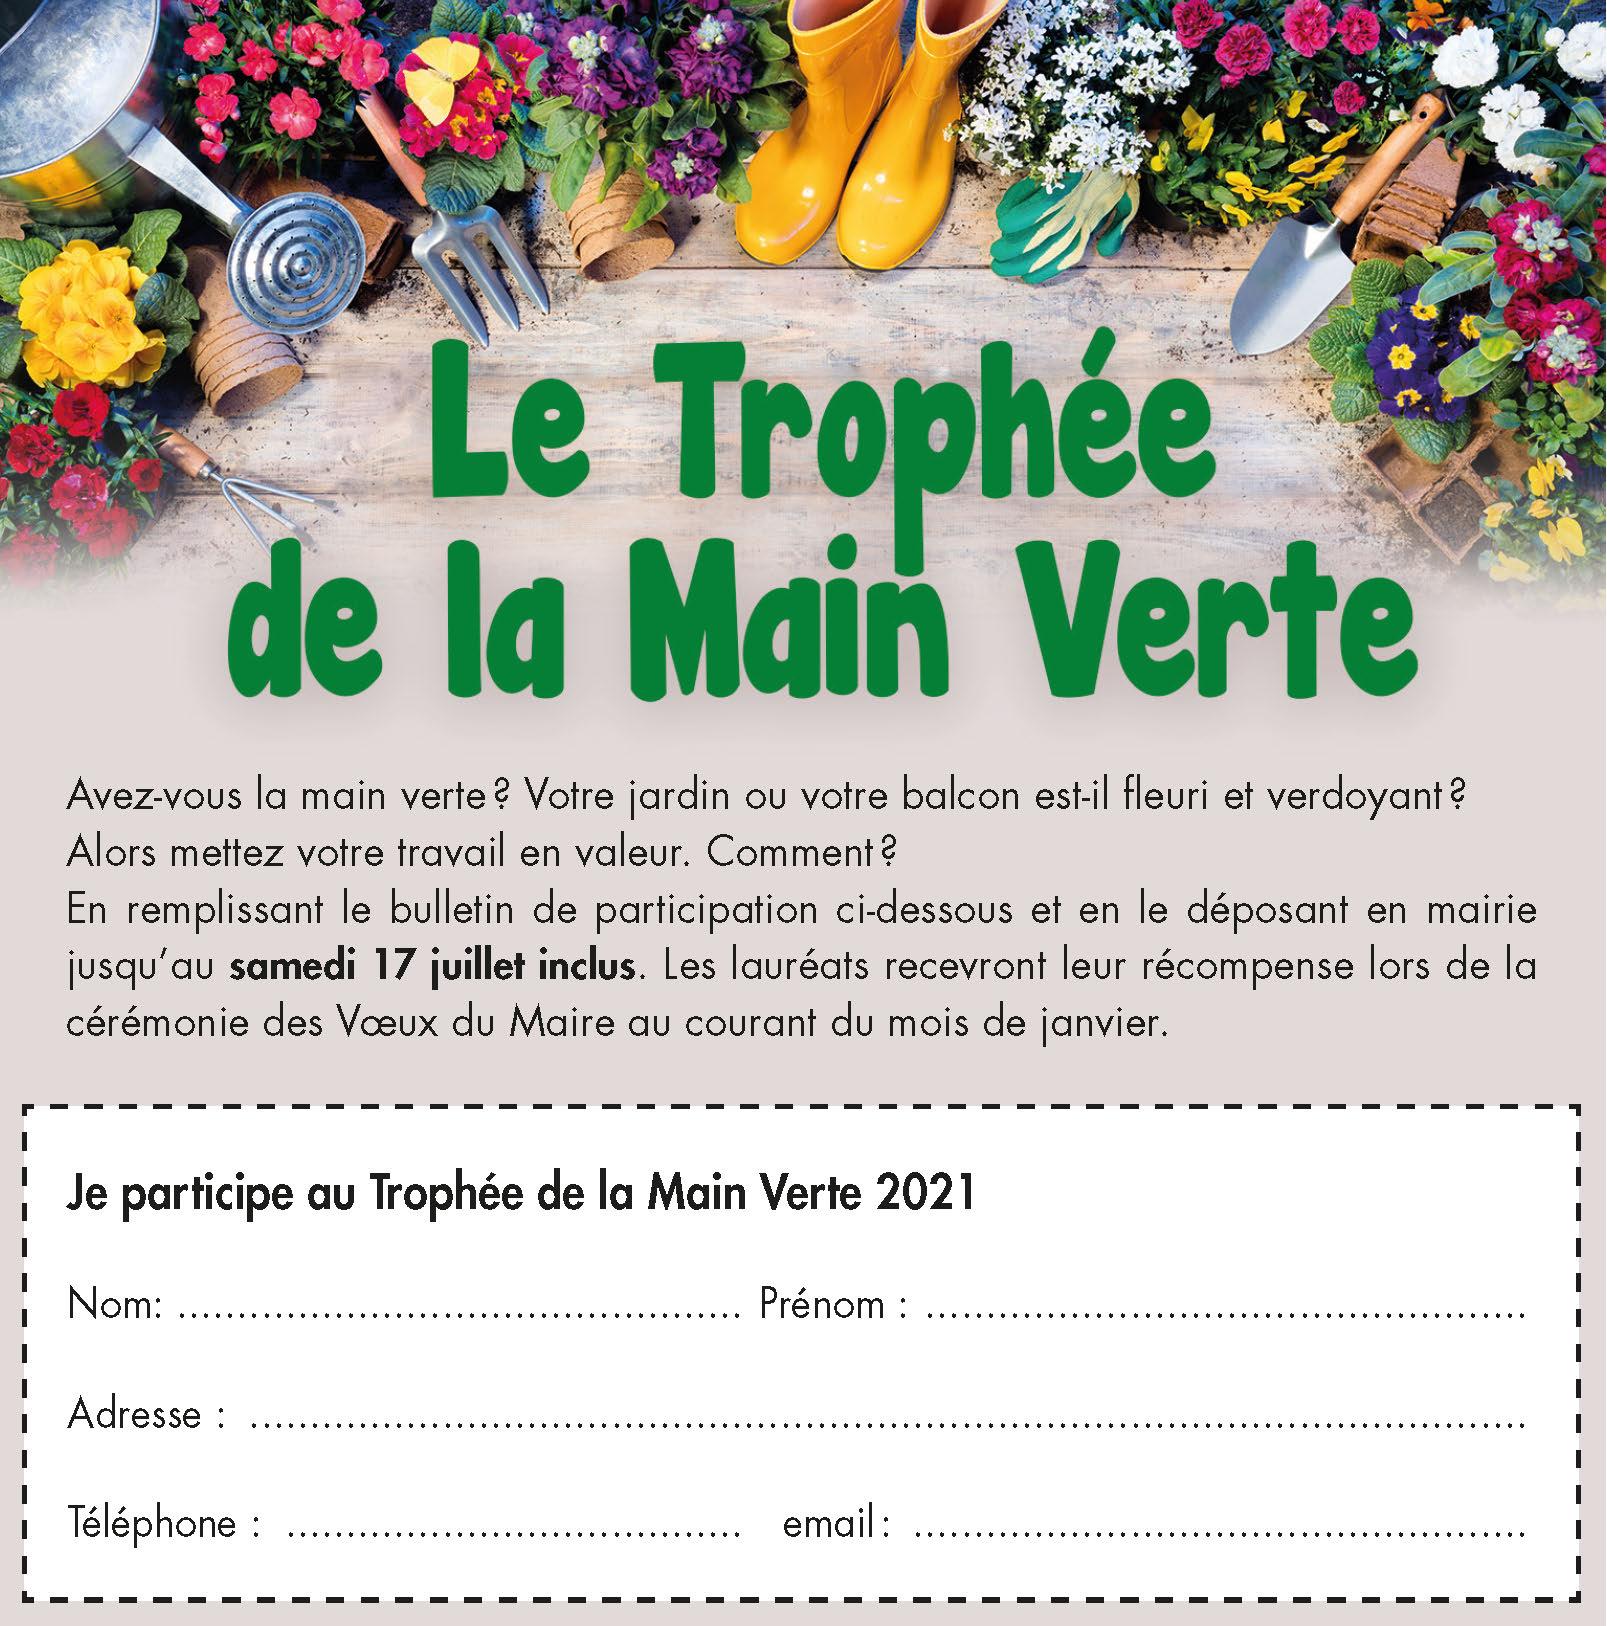 TROPHEE DE LA MAIN VERTE_2021_form